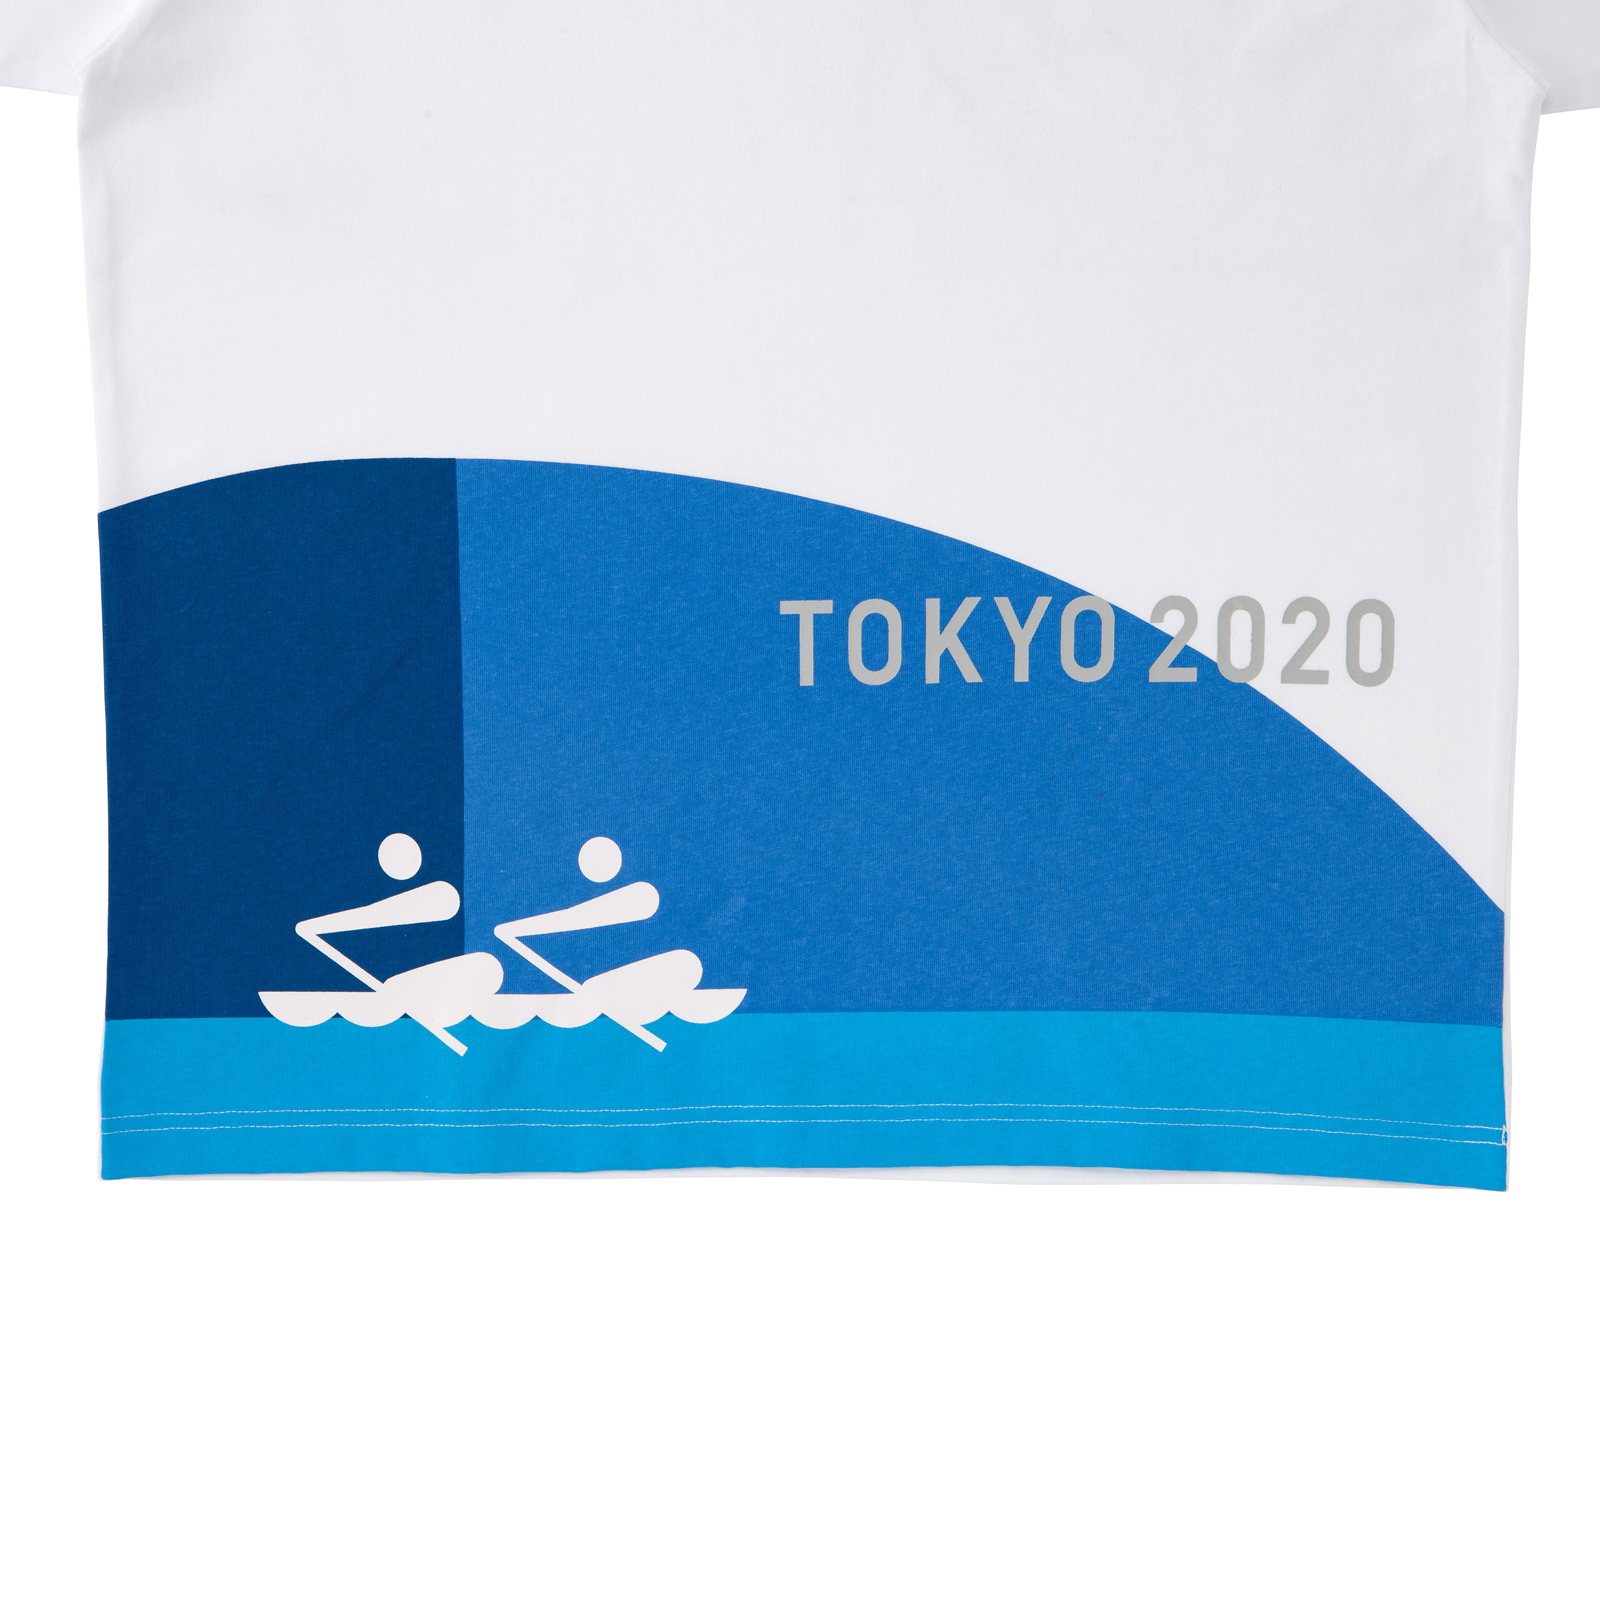 Tシャツボート(東京2020パラリンピックスポーツピクトグラム)